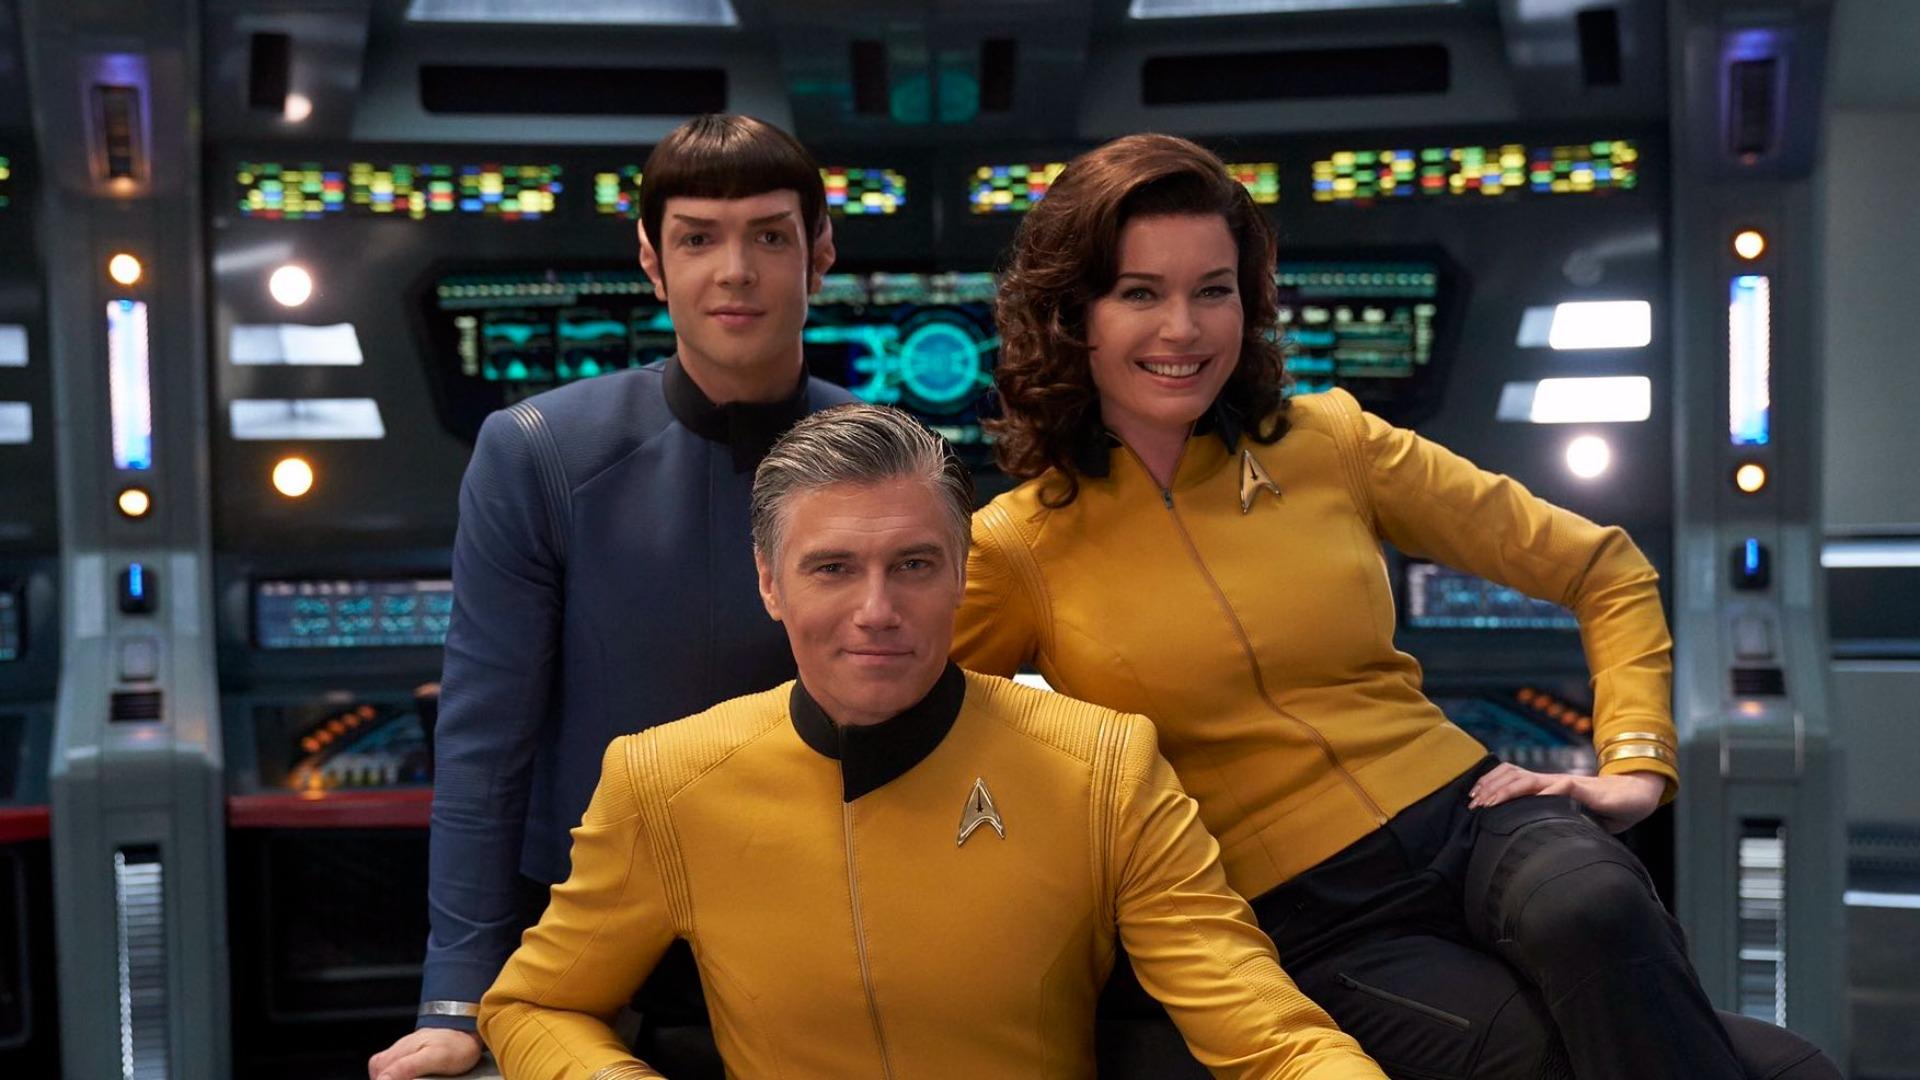 'Garip Yeni Dünyalar' Star Trek Günü'nde oyuncu kadrosunun daha fazlasını sergiliyor | Engadget